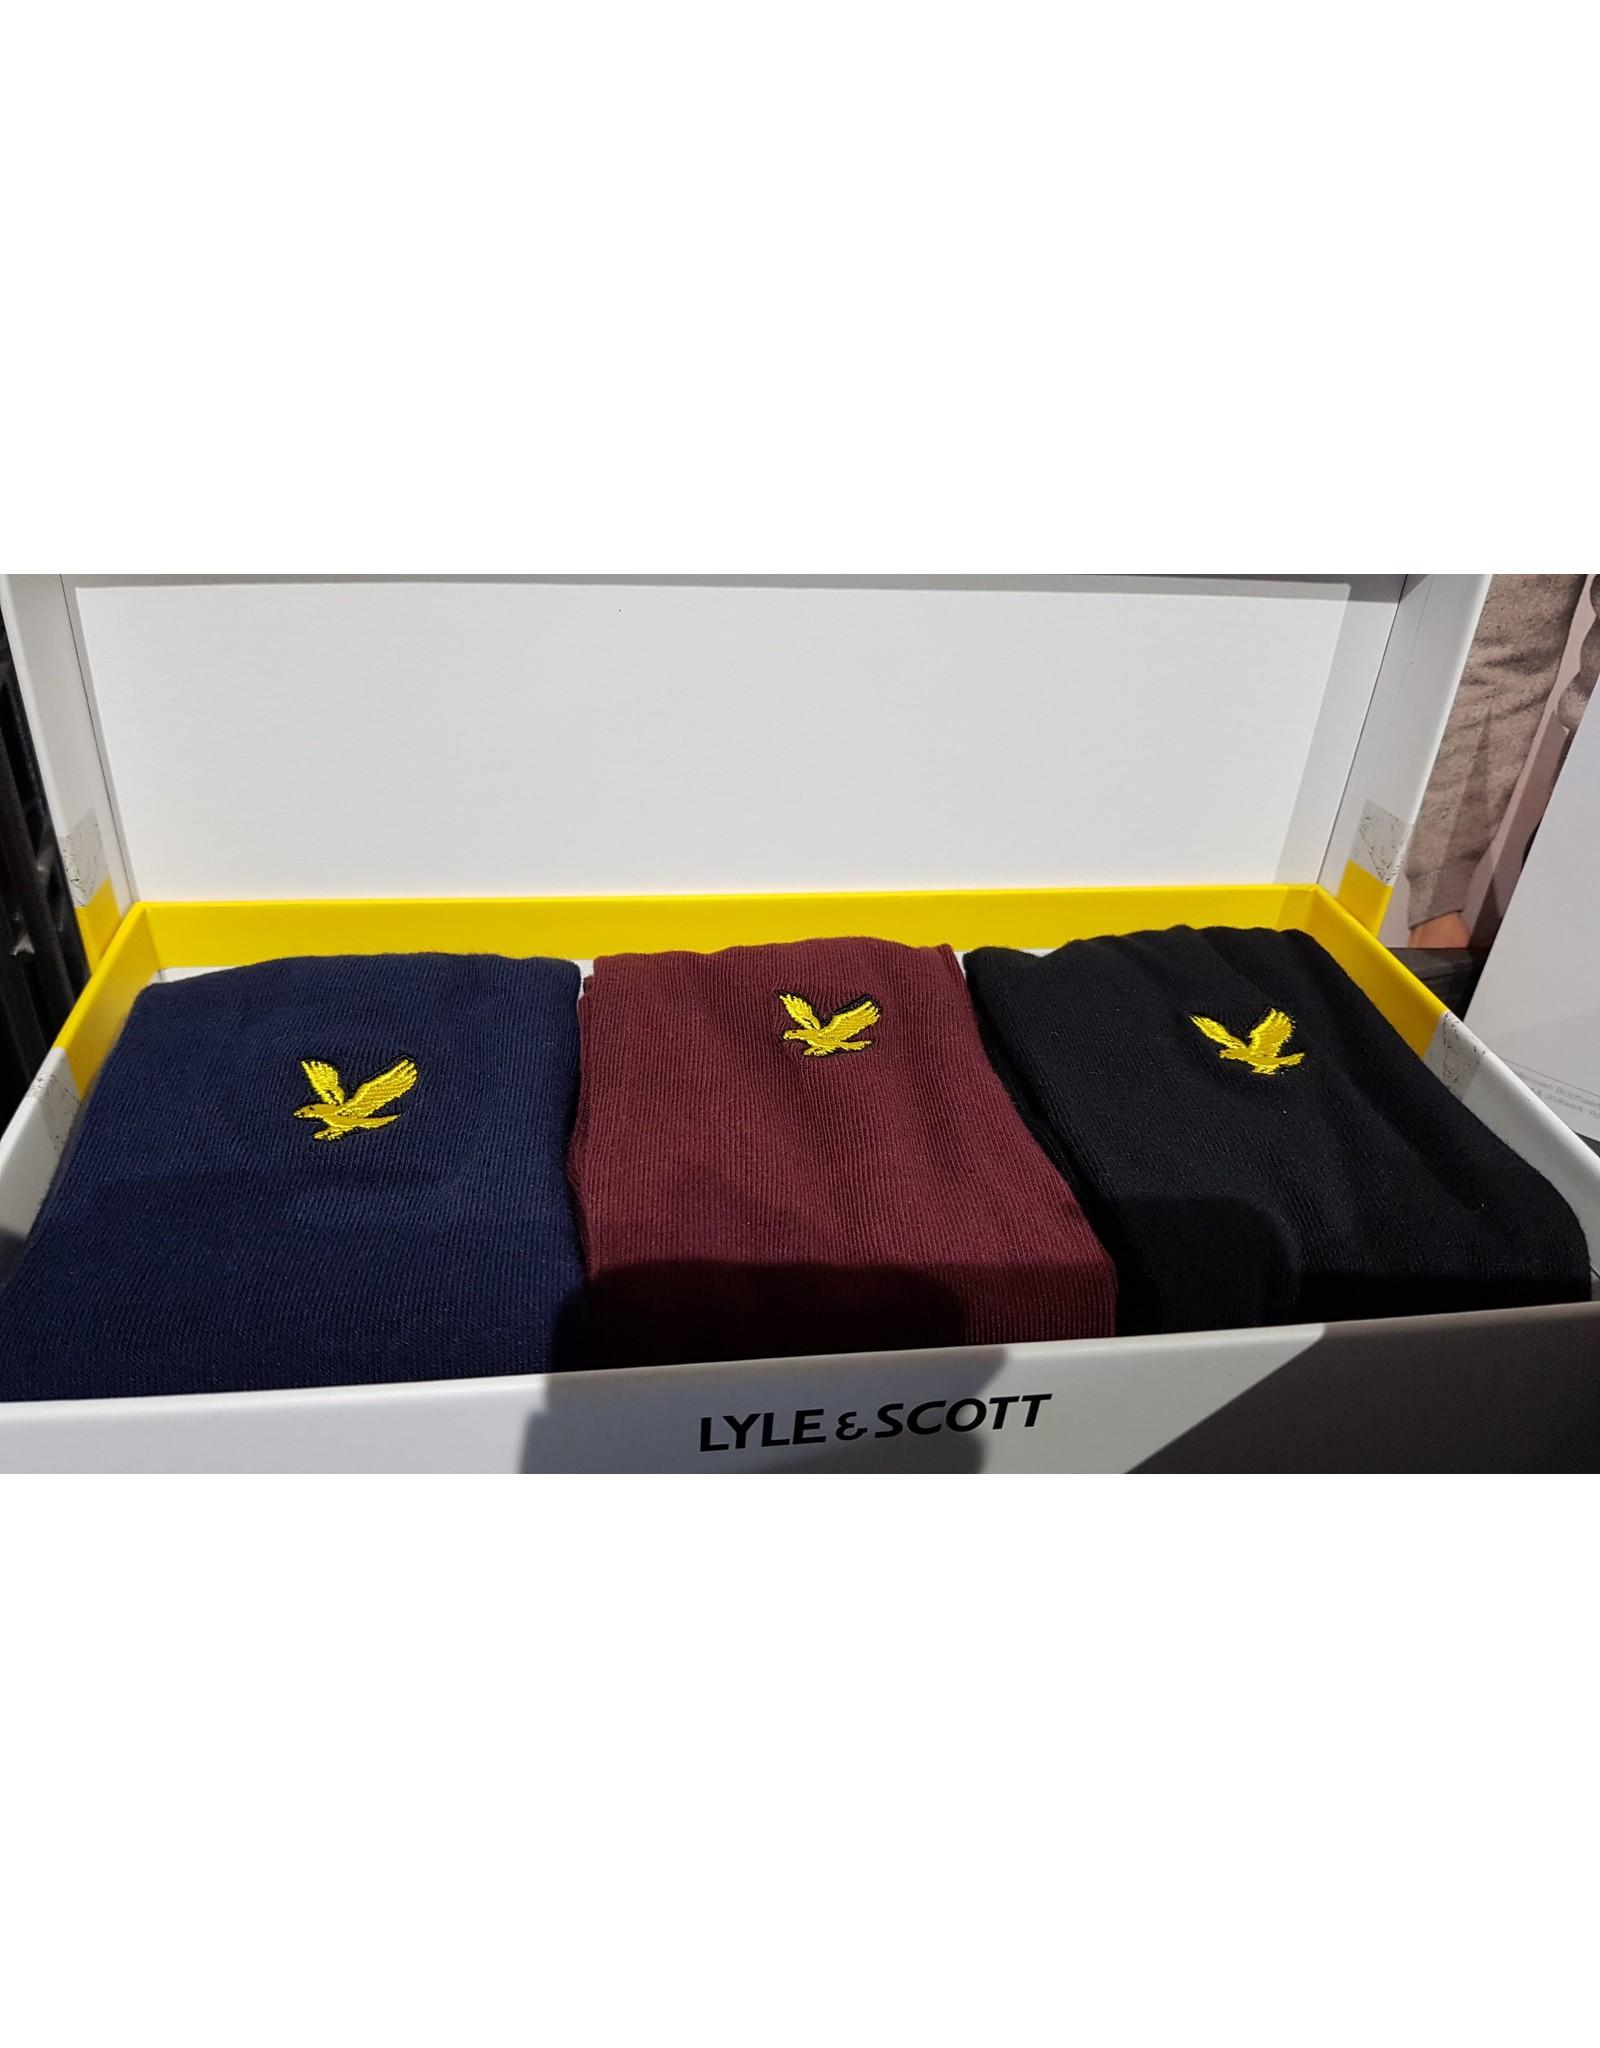 Lyle & Scott Sokkenbox Lyle&Scott